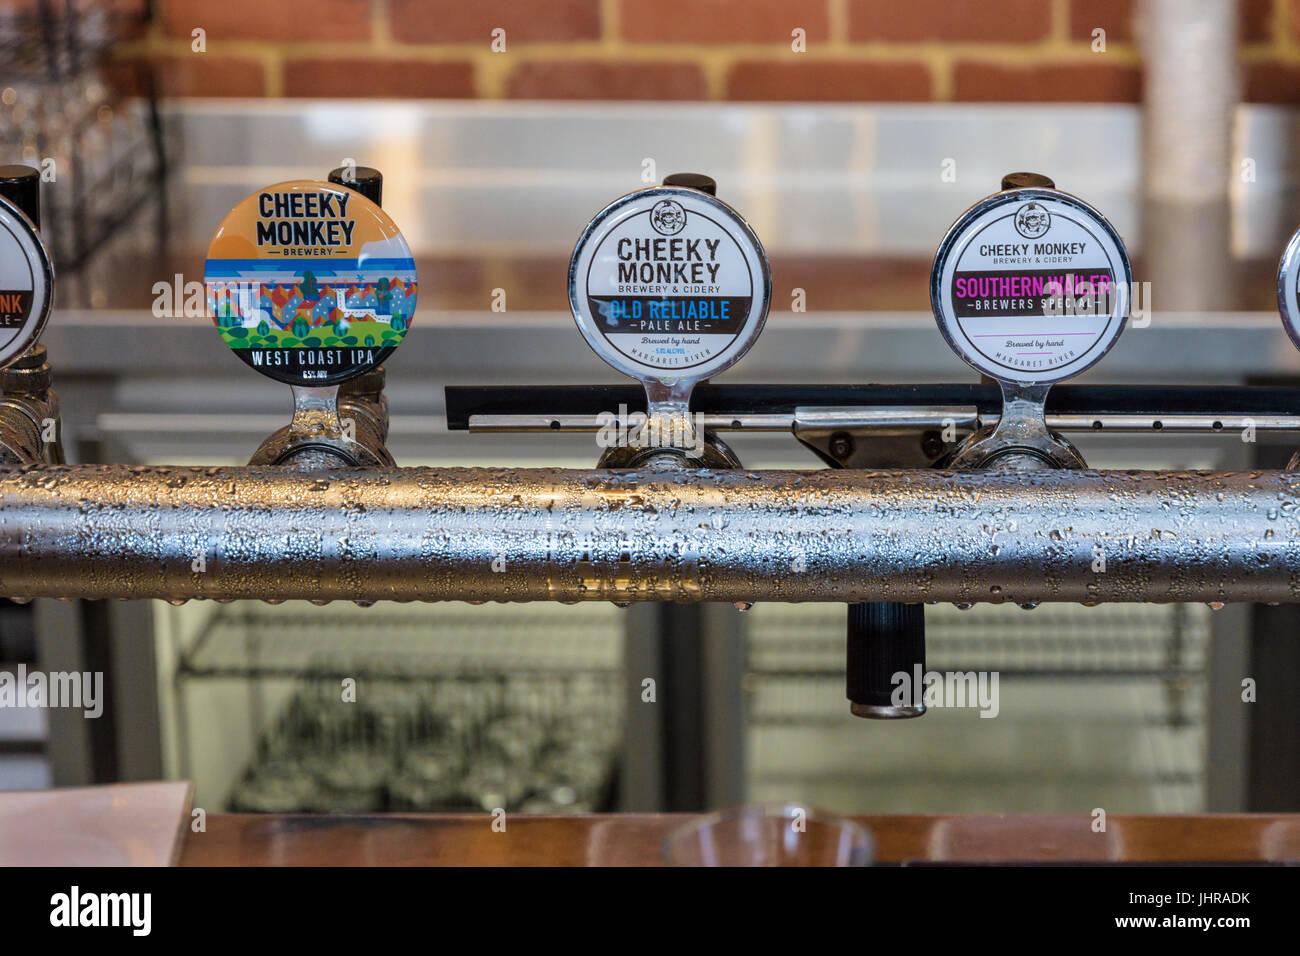 Les poignées de bière au détail Cheeky Monkey brasserie, à l'ouest de l'Australie Wilyabrup Photo Stock